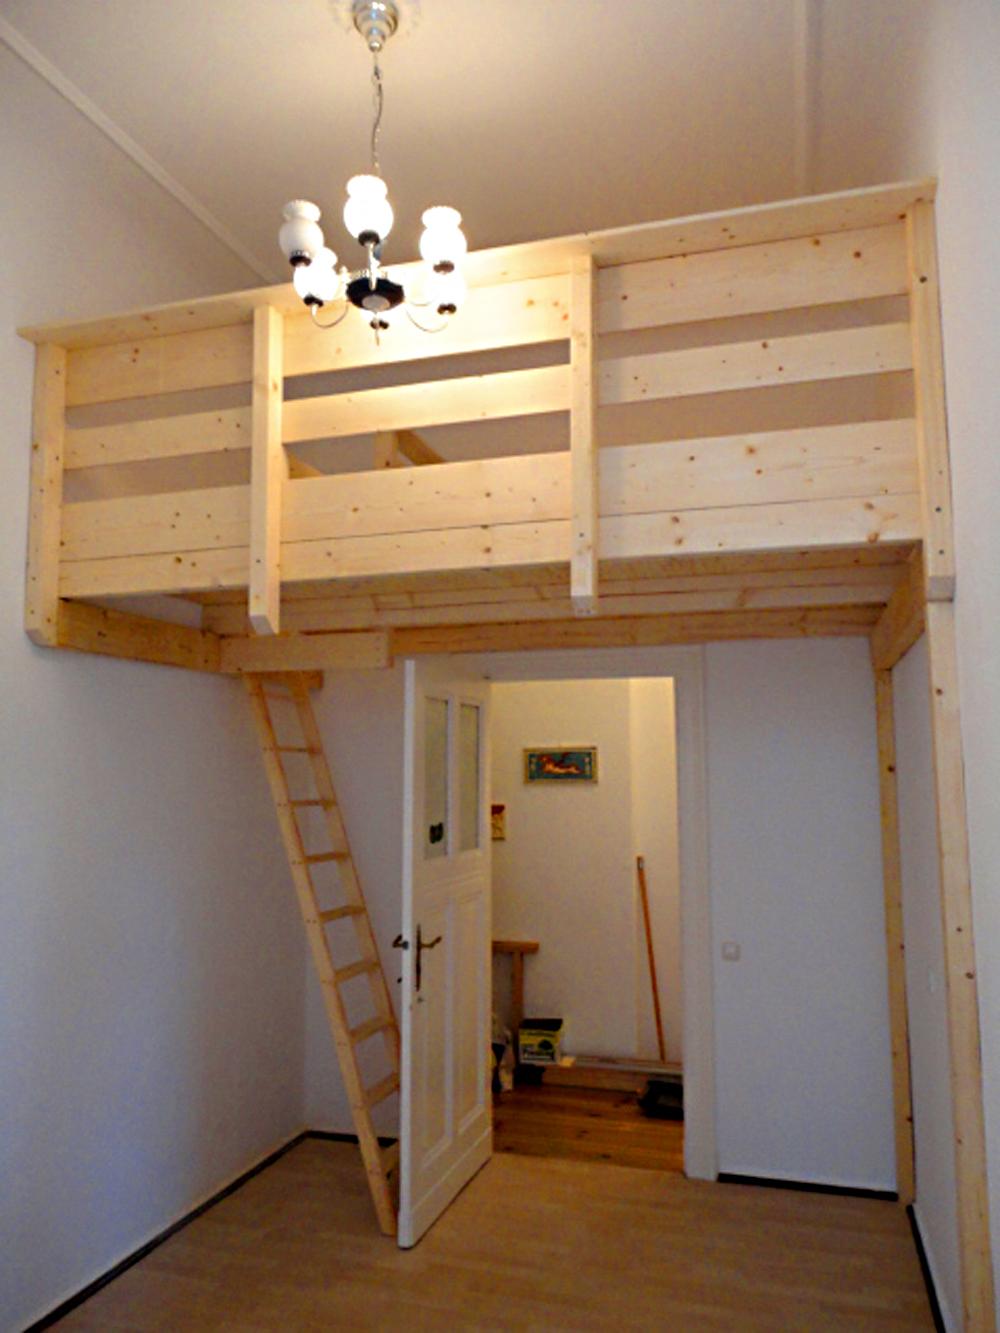 hochbett selber bauen dachschr ge. Black Bedroom Furniture Sets. Home Design Ideas